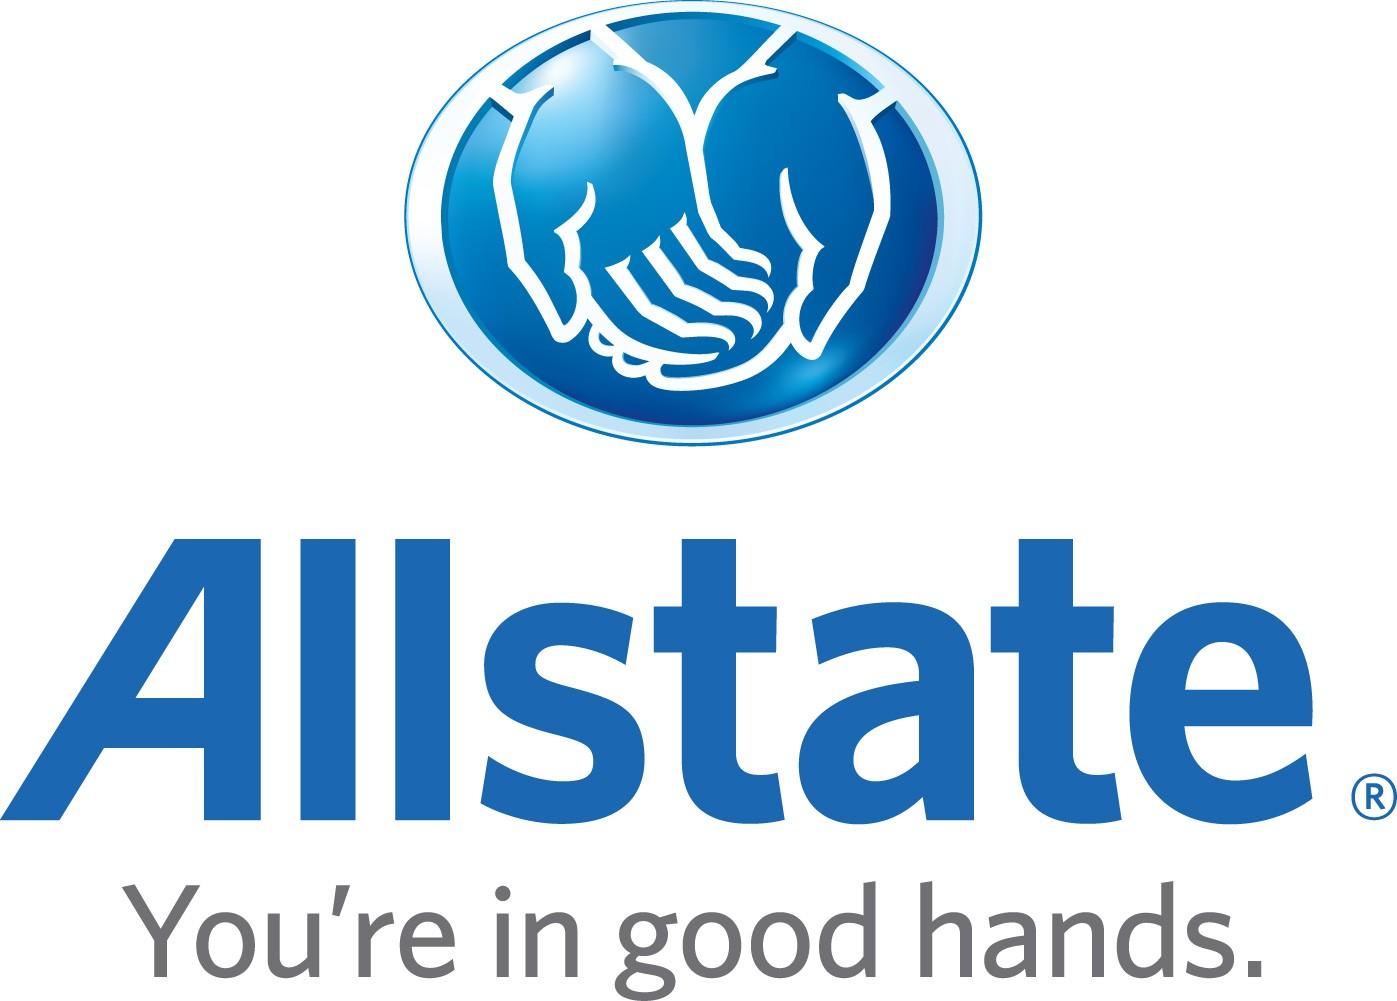 allstate insurance logos rh logolynx com